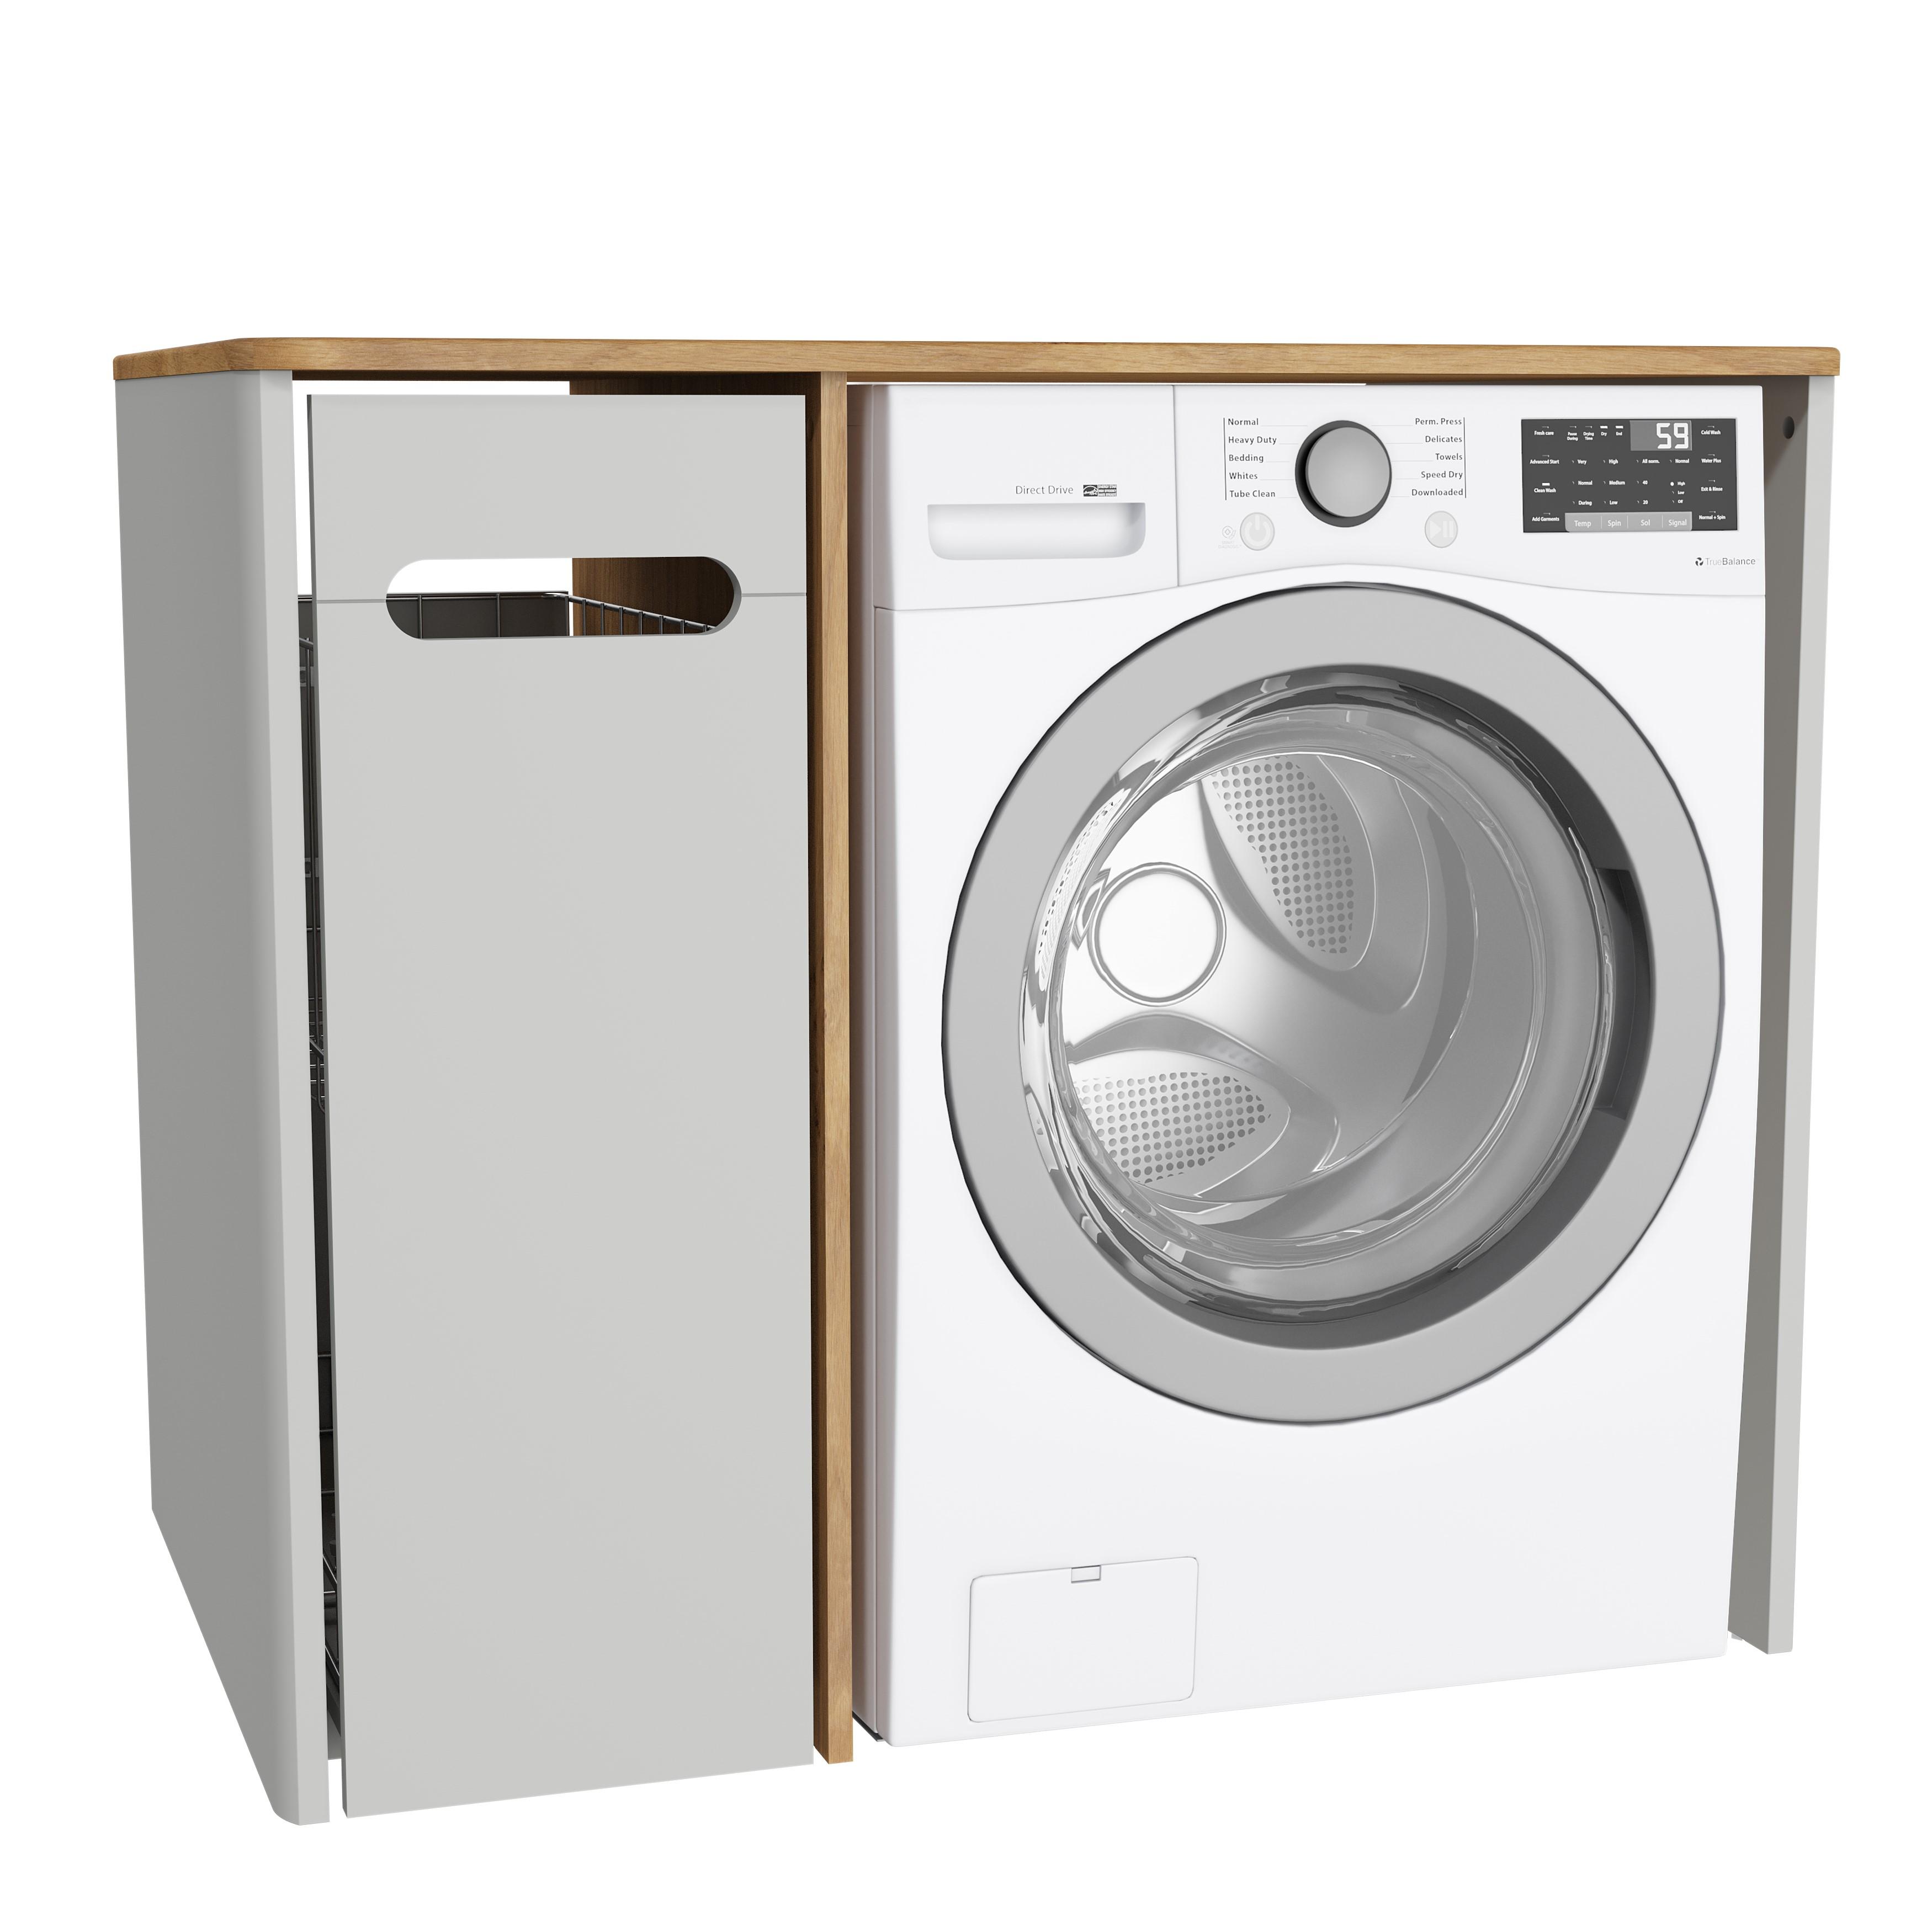 Sento unité lave-linge, avec corbeille à linge à gauche, 105 cm, gris clair mat